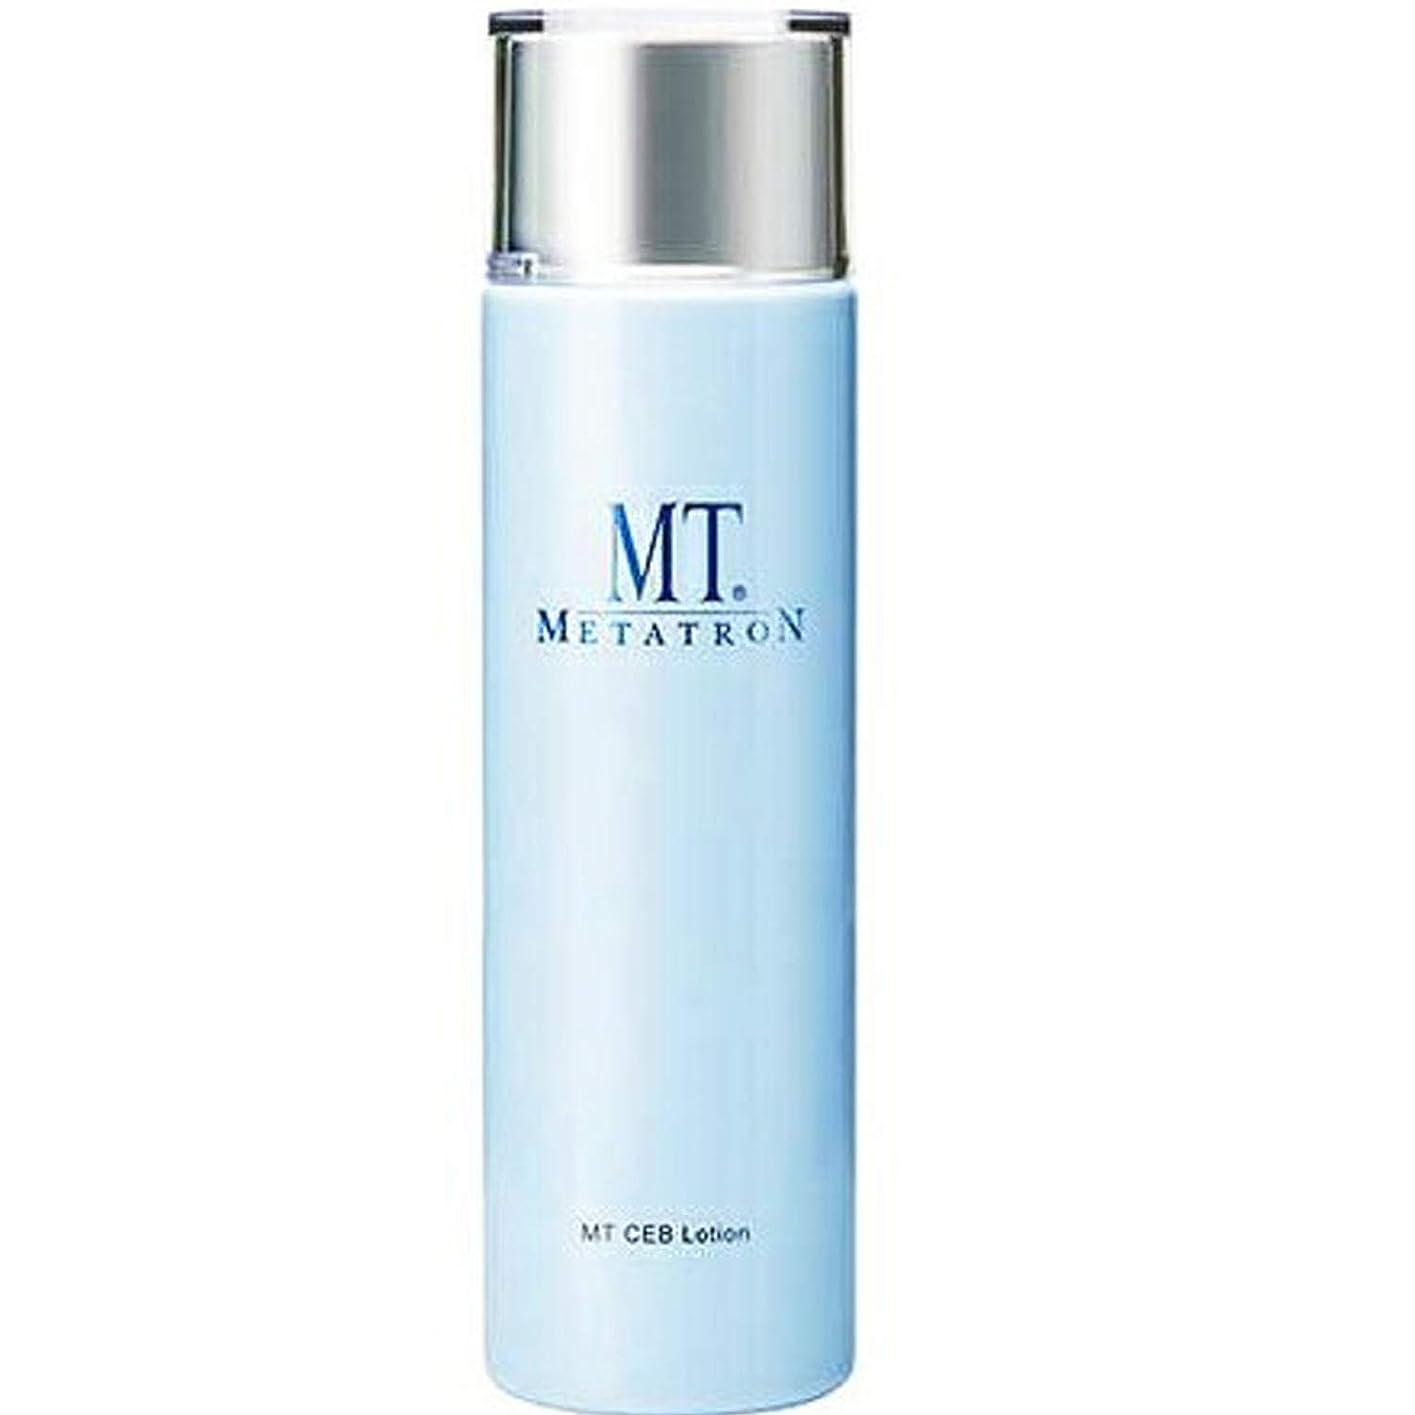 エージェント潜在的な失うMTメタトロン MT CEB ローション 150mL 化粧水